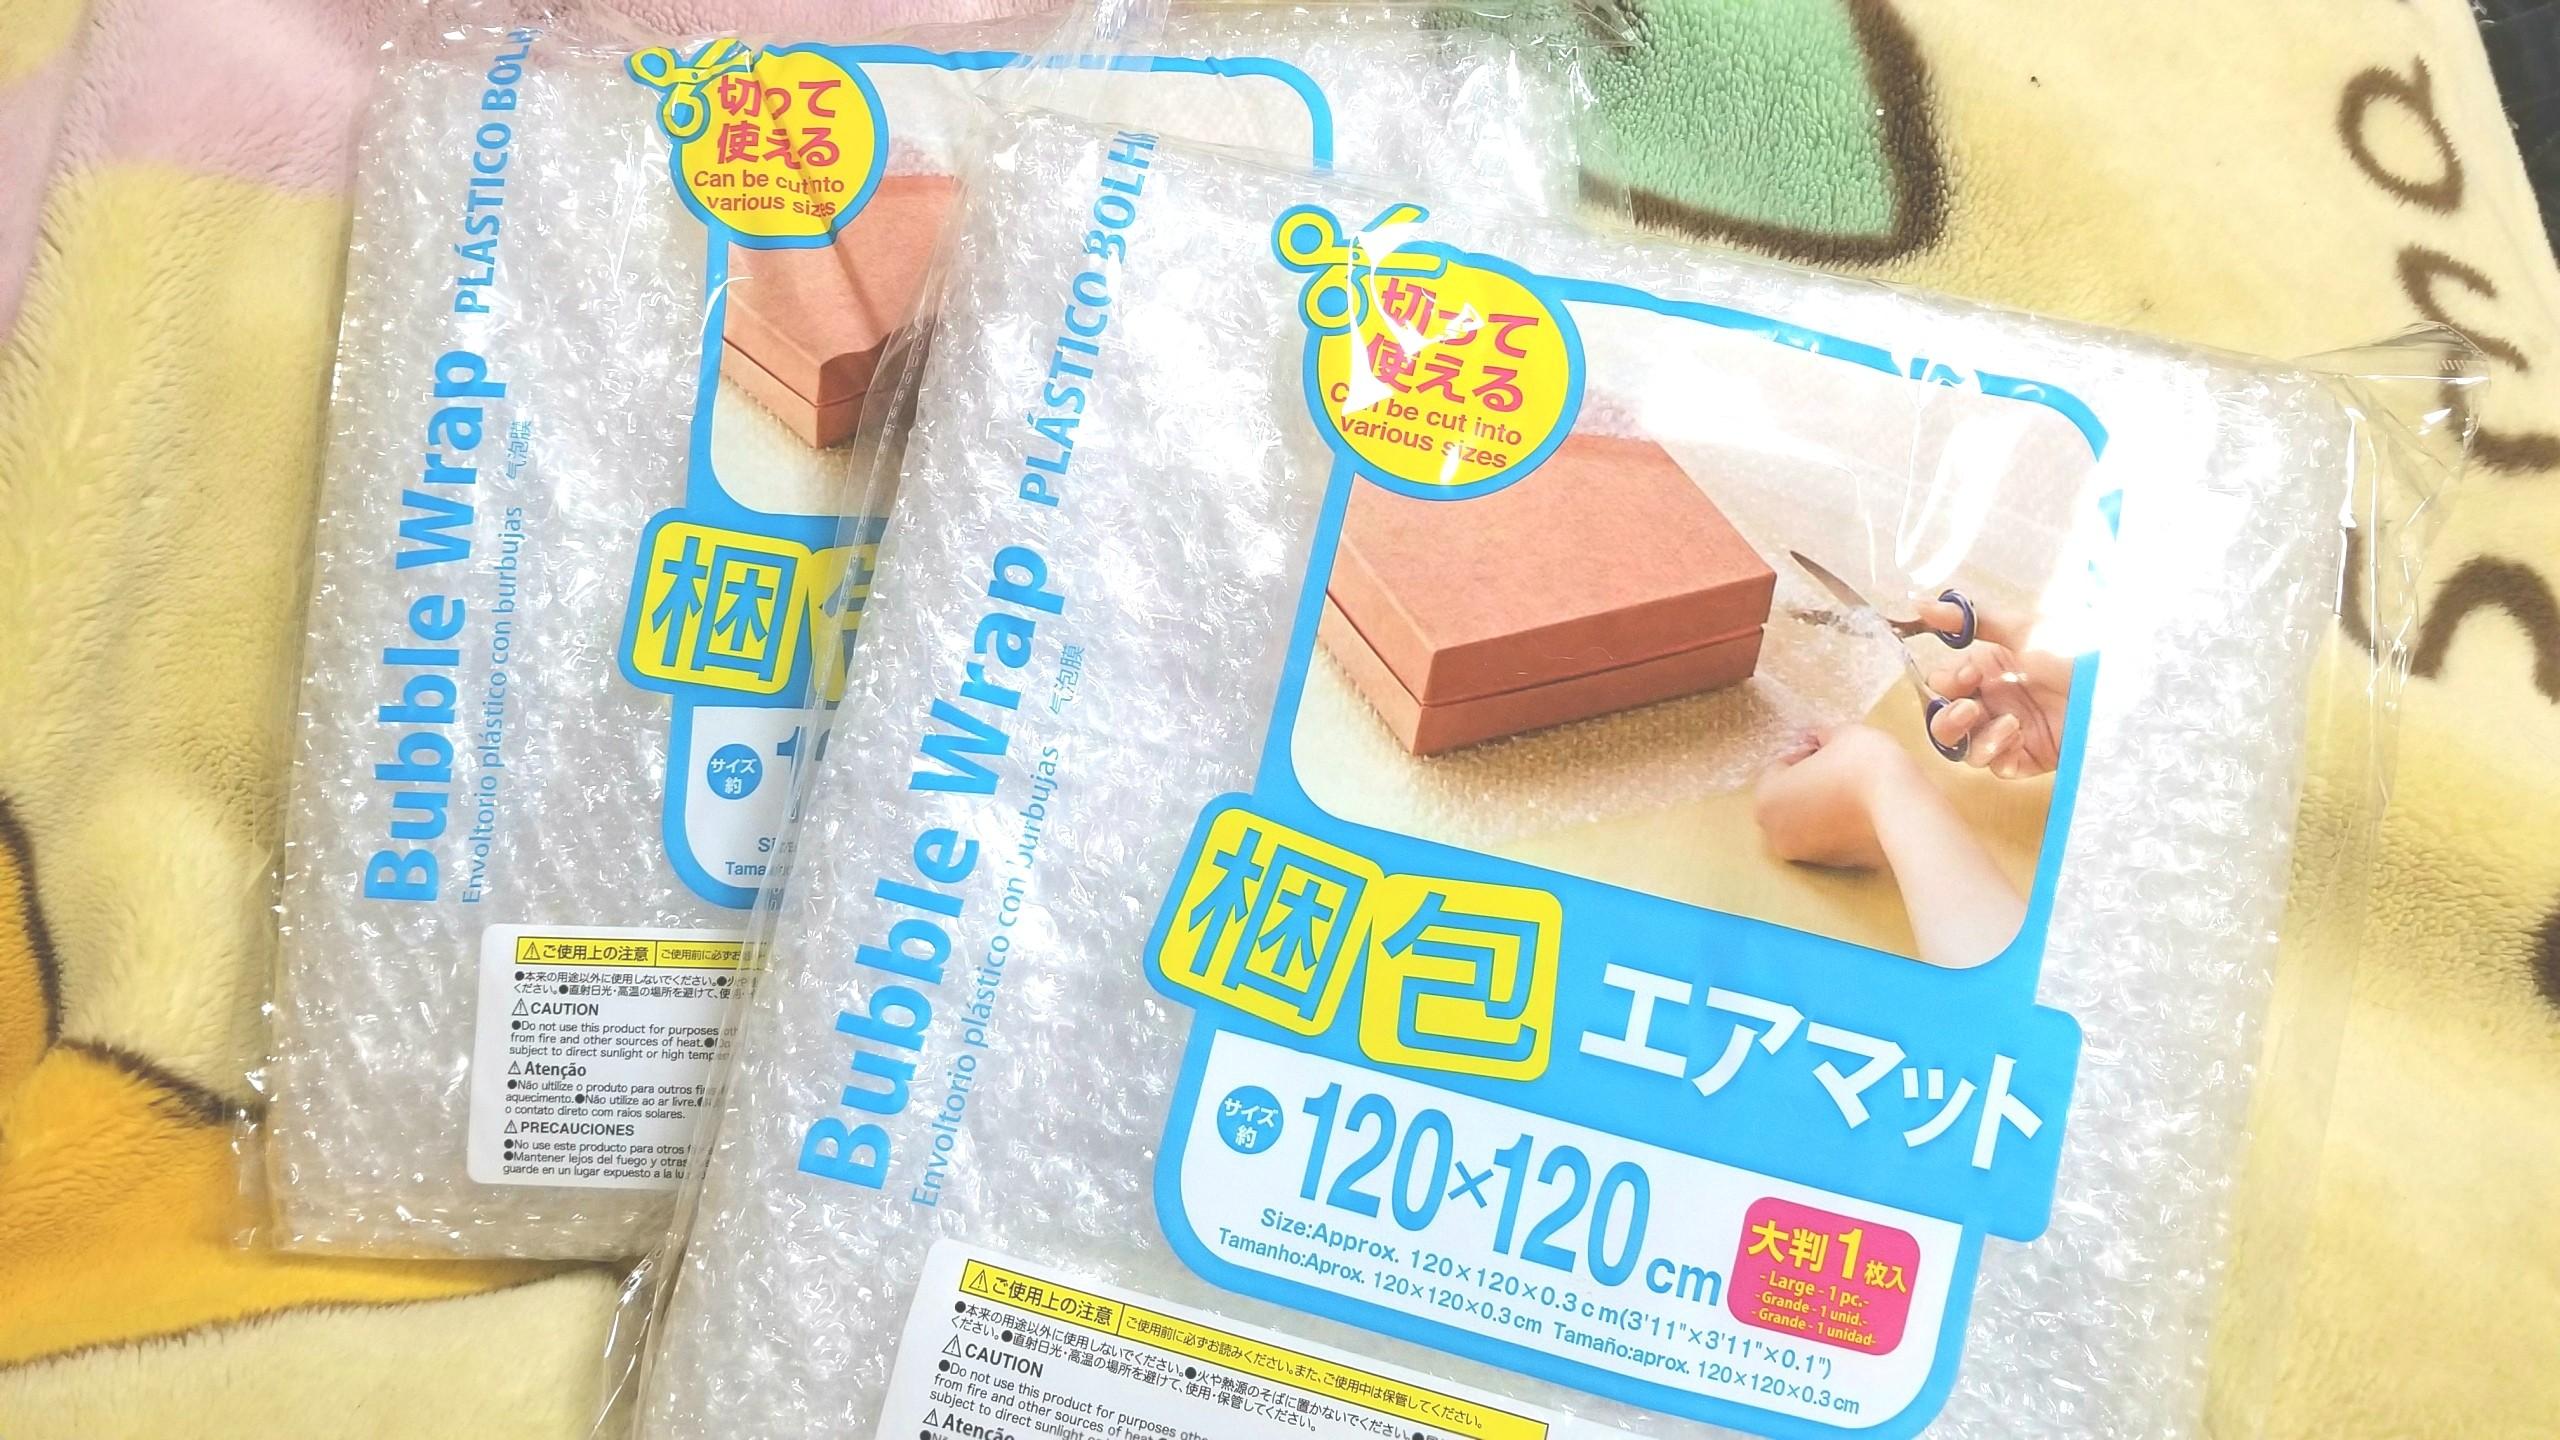 梱包エアマット,100均プチプチ包装,ハンドメイドの発送方法,材料